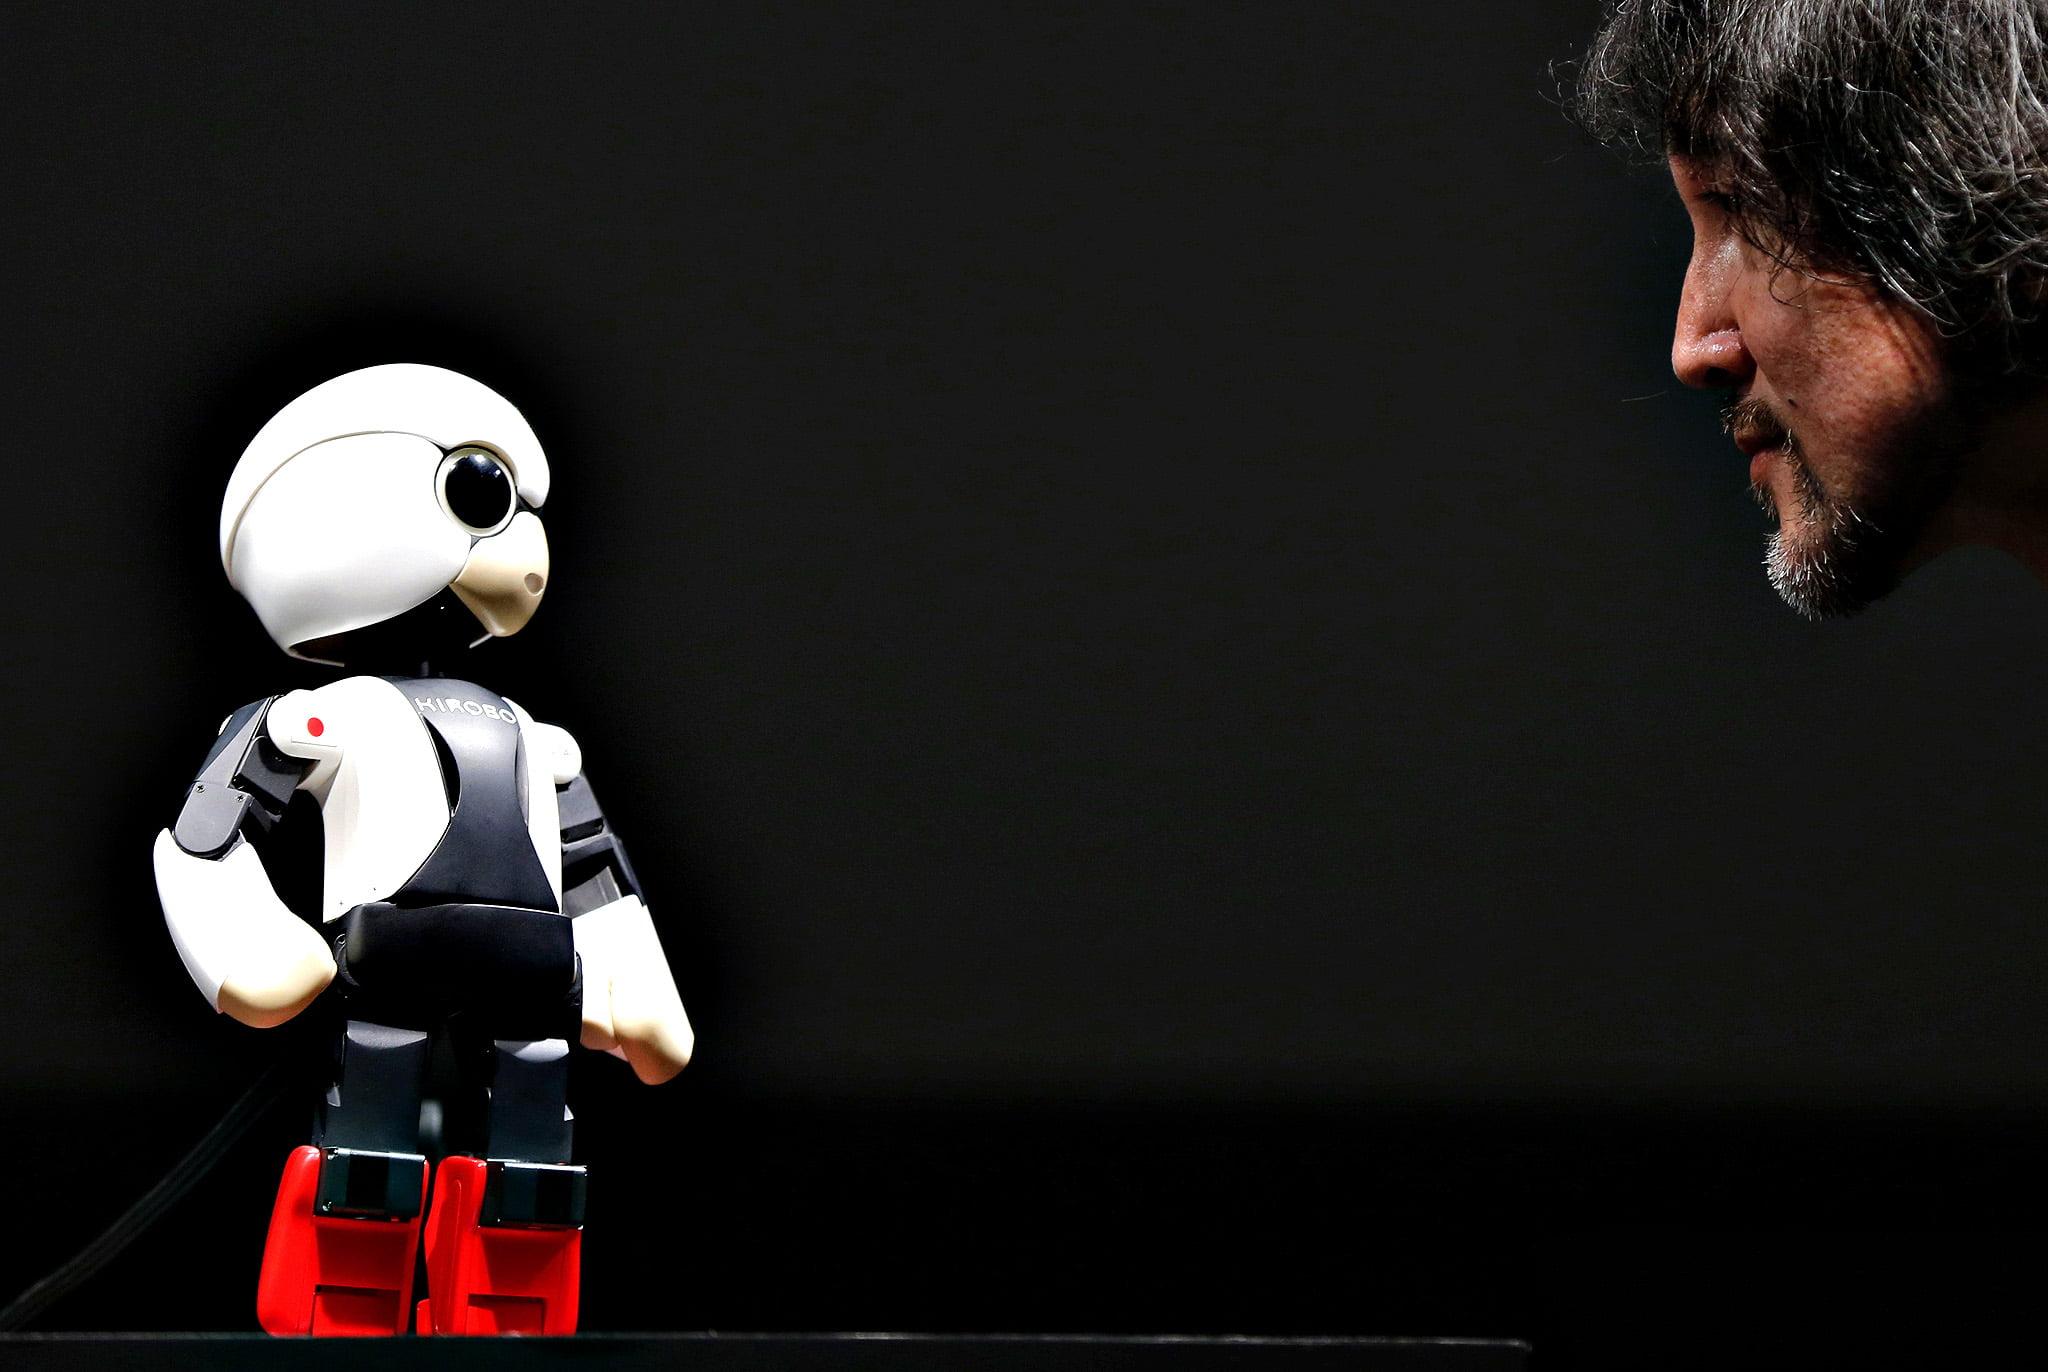 Kirobo, primul robot astronaut din lume a vorbit pentru prima oara in spatiu! VIDEO